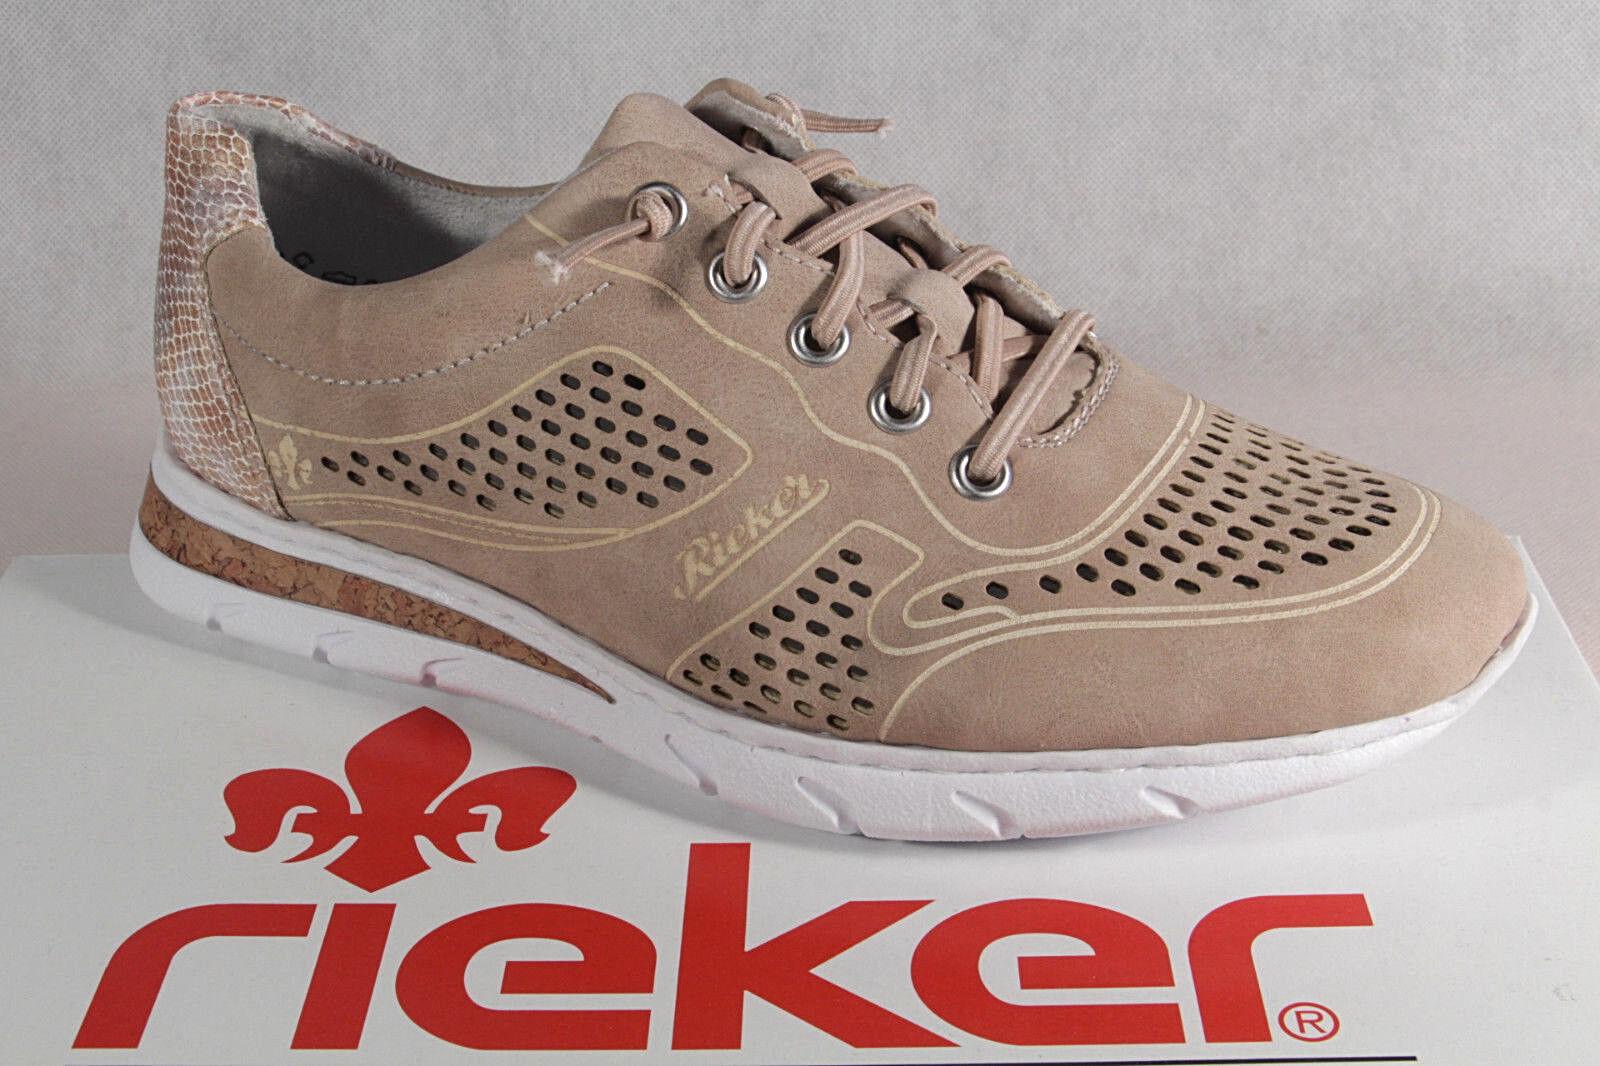 Nuevos zapatos para hombres y mujeres, descuento por tiempo limitado Rieker señora mocasines bailarinas zapatos abotinados salón rosa m5735 nuevo!